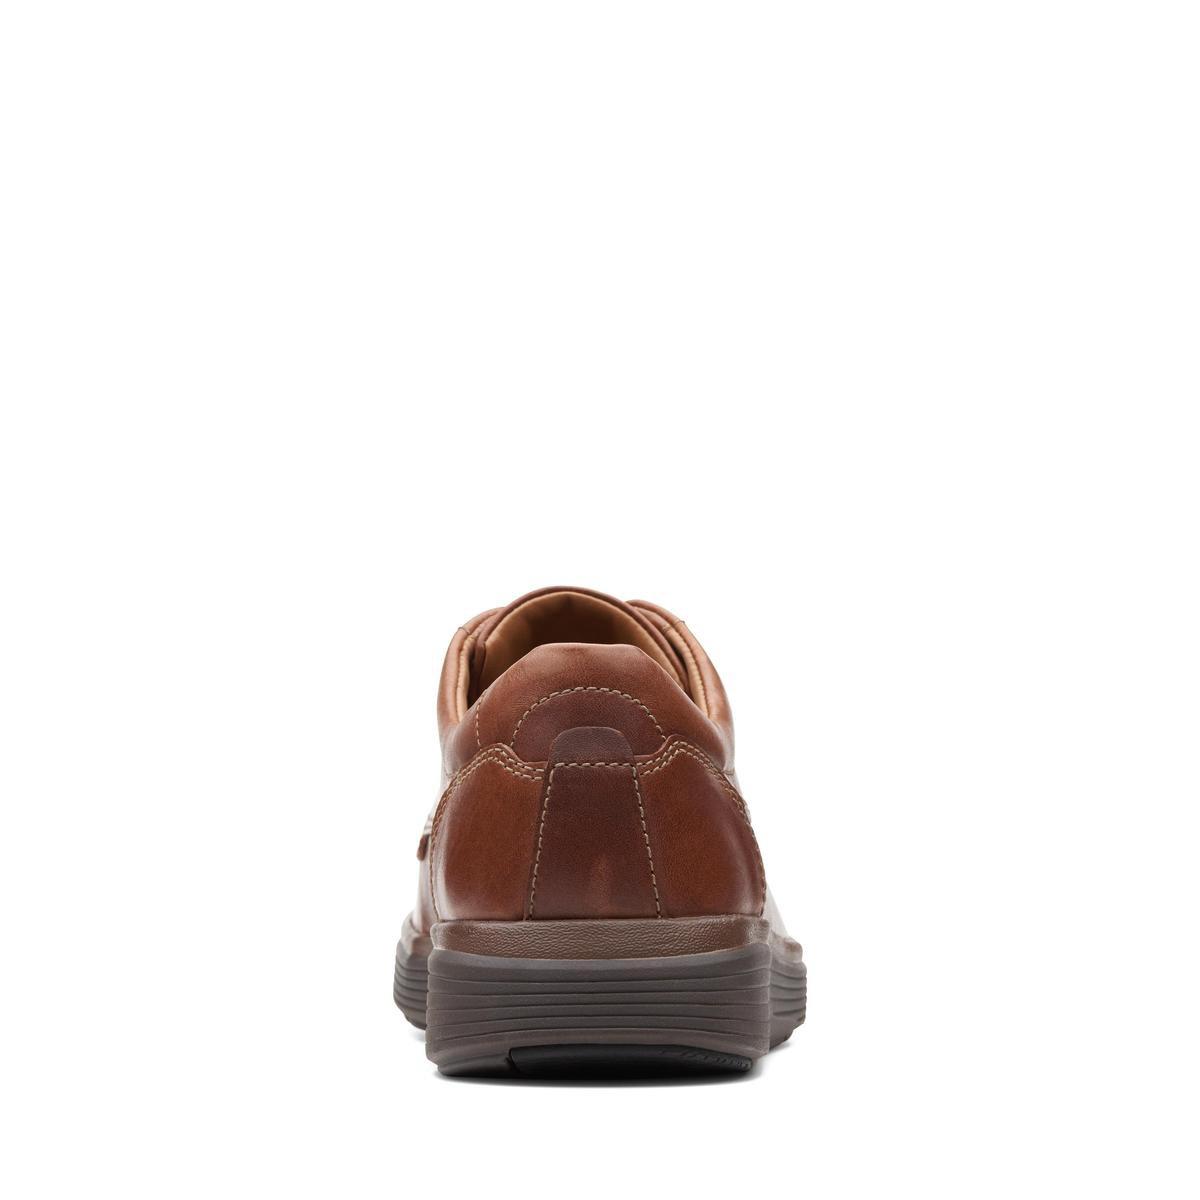 Clarks Heren Veterschoenen - Cognac - Maat 42 Veterschoenen